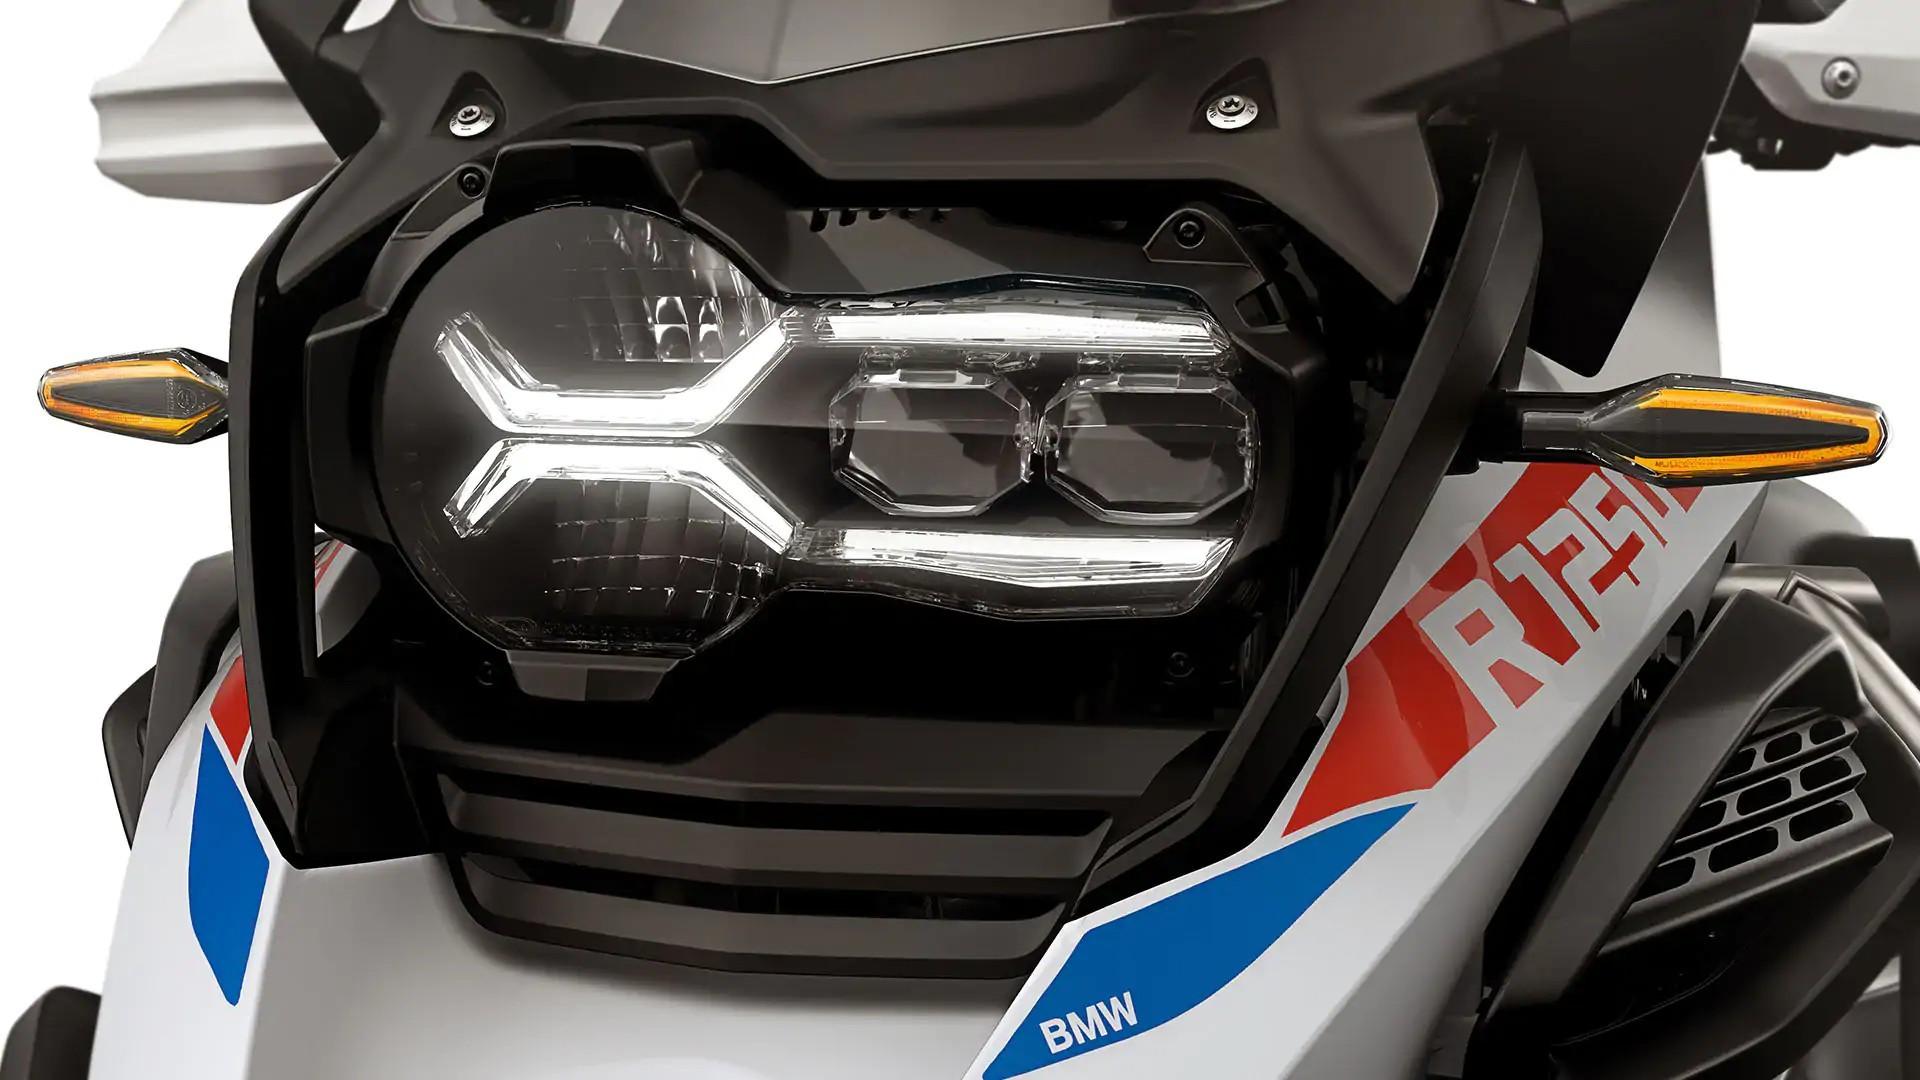 Светодиодные указатели поворота с функцией Cruising Light